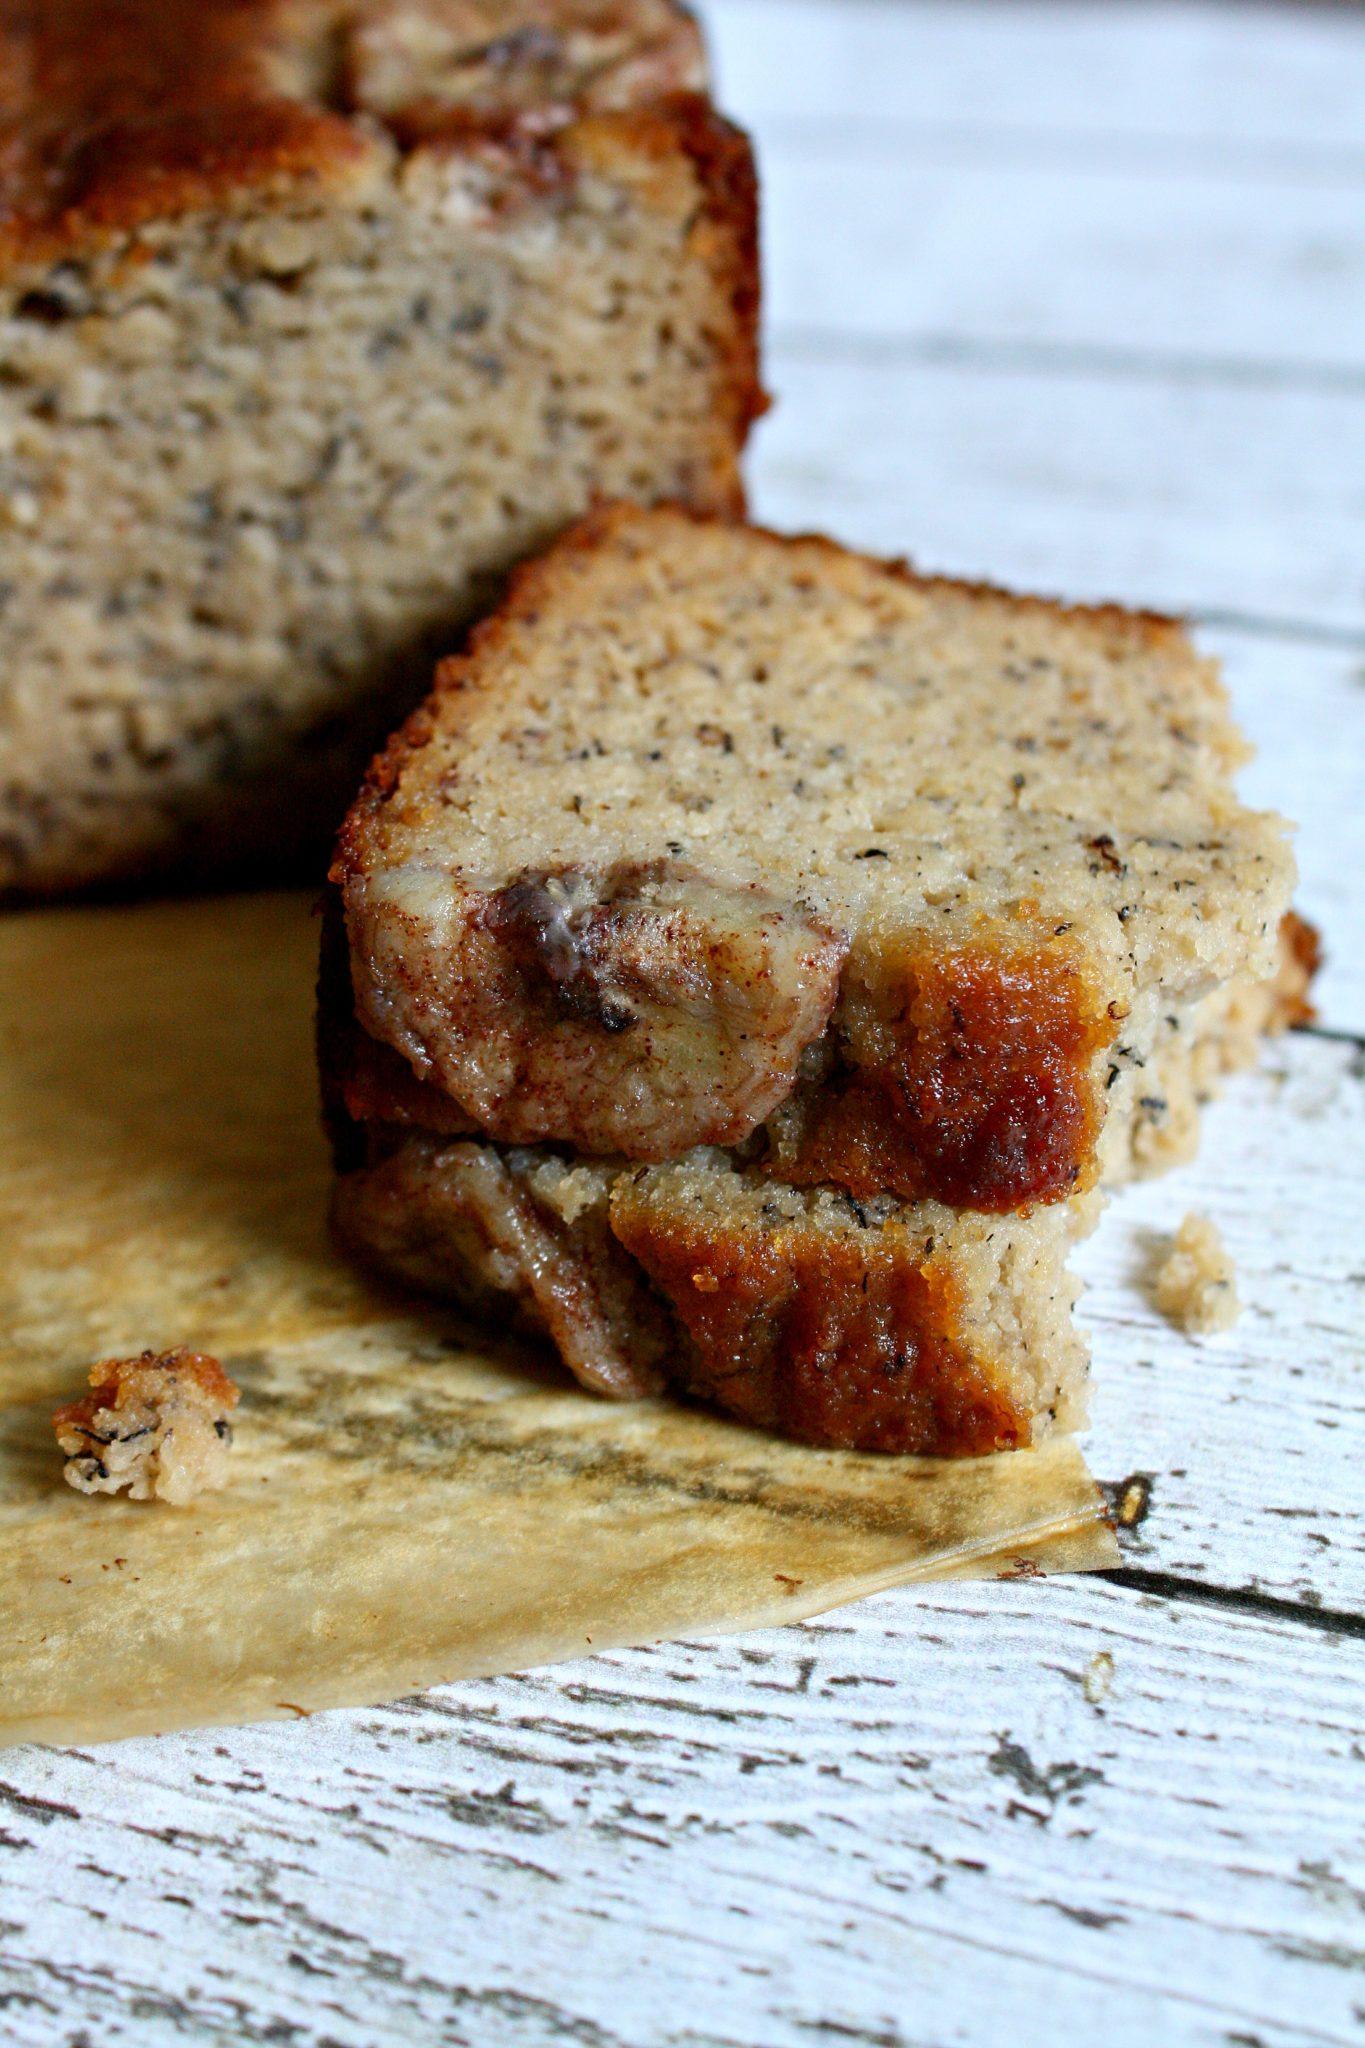 Receita de bolo de banana sem glúten e sem lactose! O mais gostoso e rápido que você já experimentou!